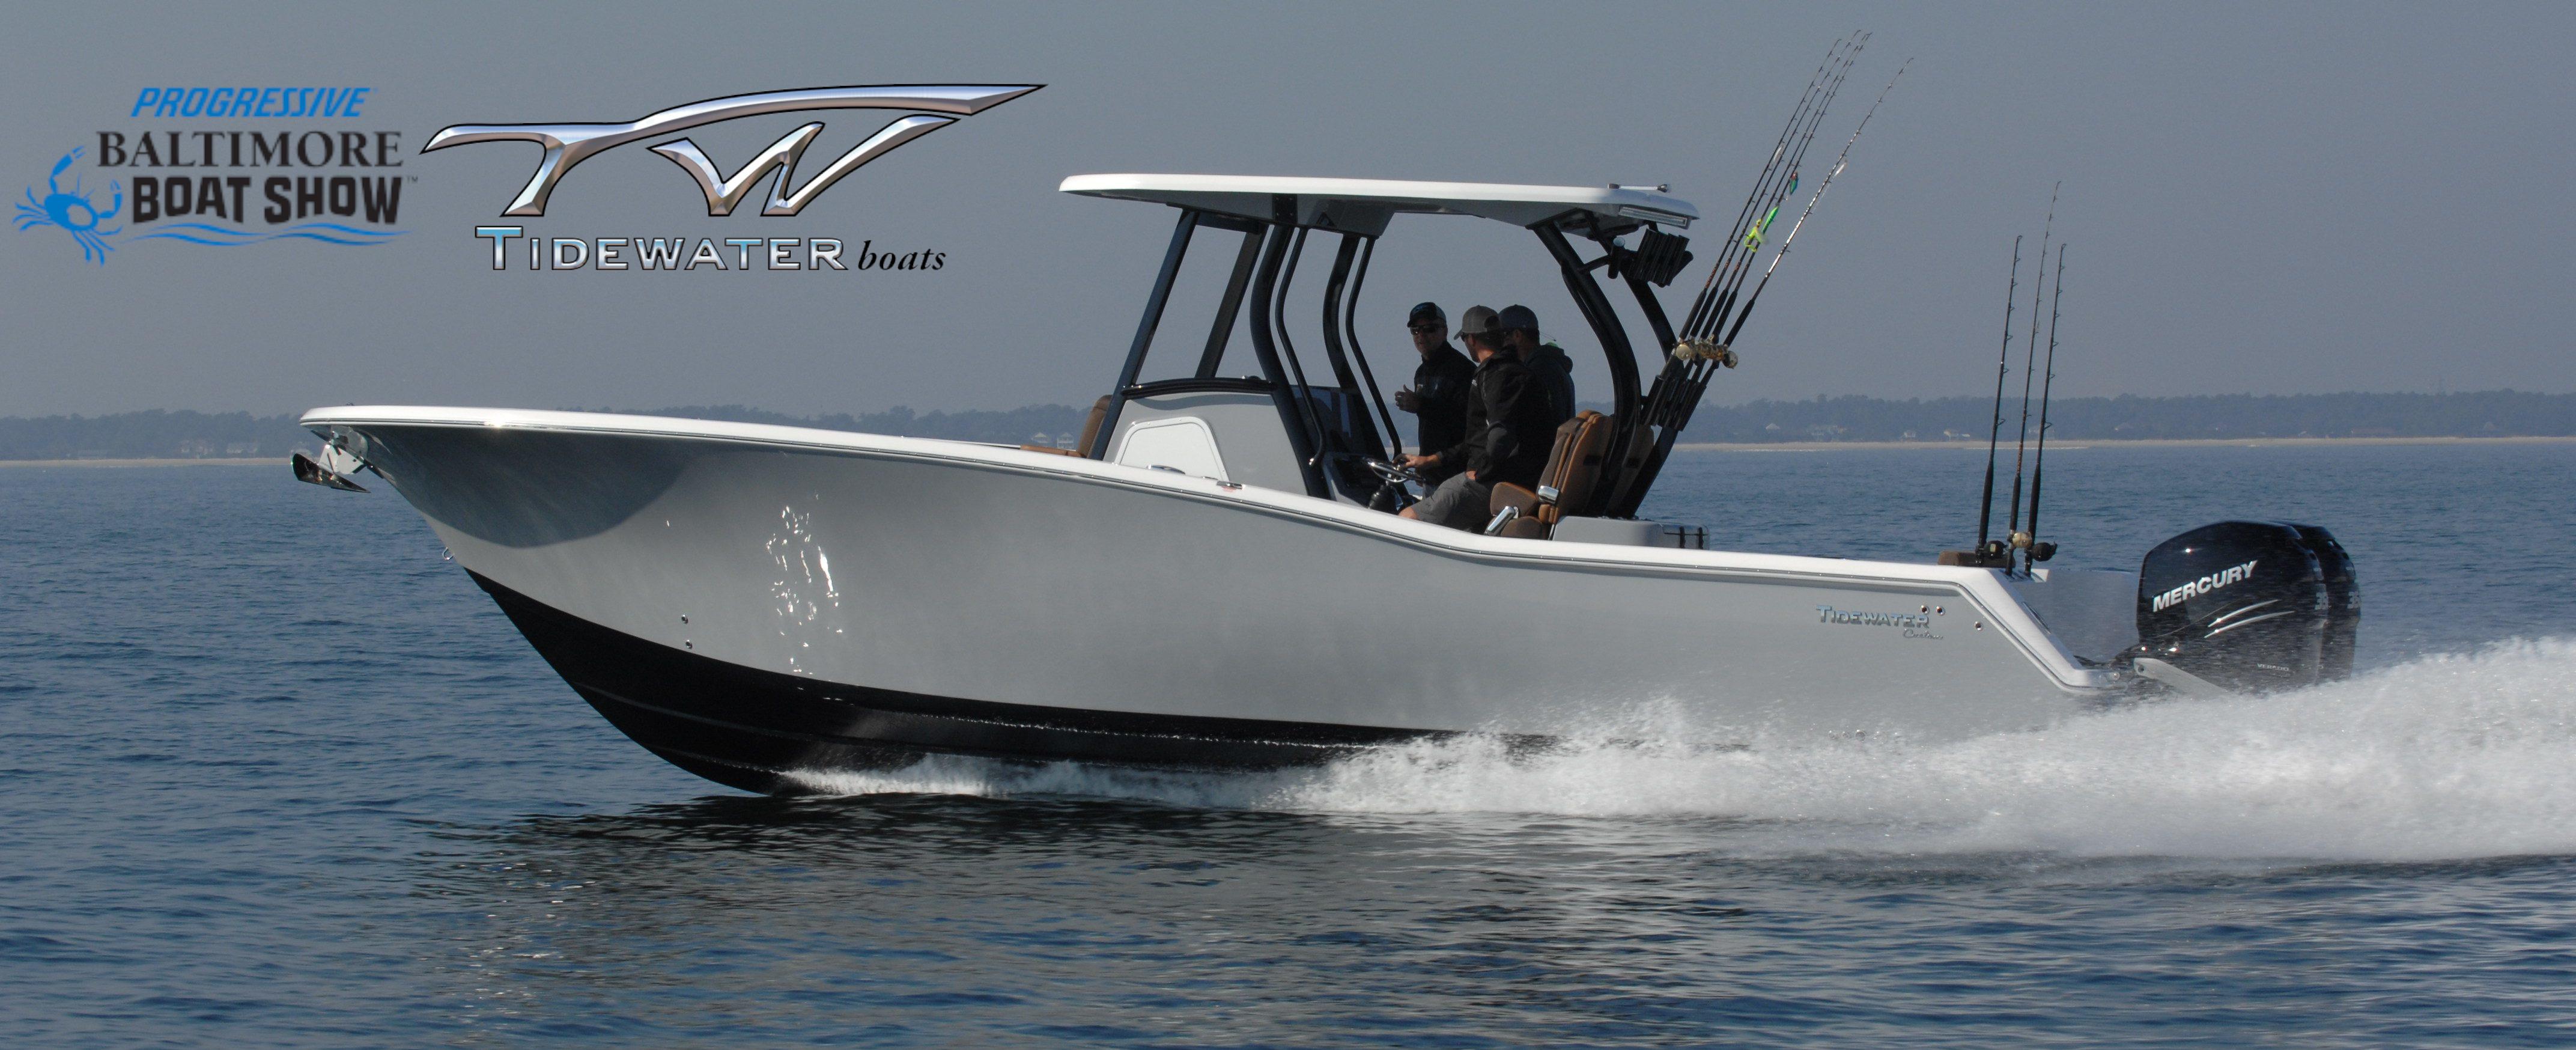 Baltimore Boat Show Promo